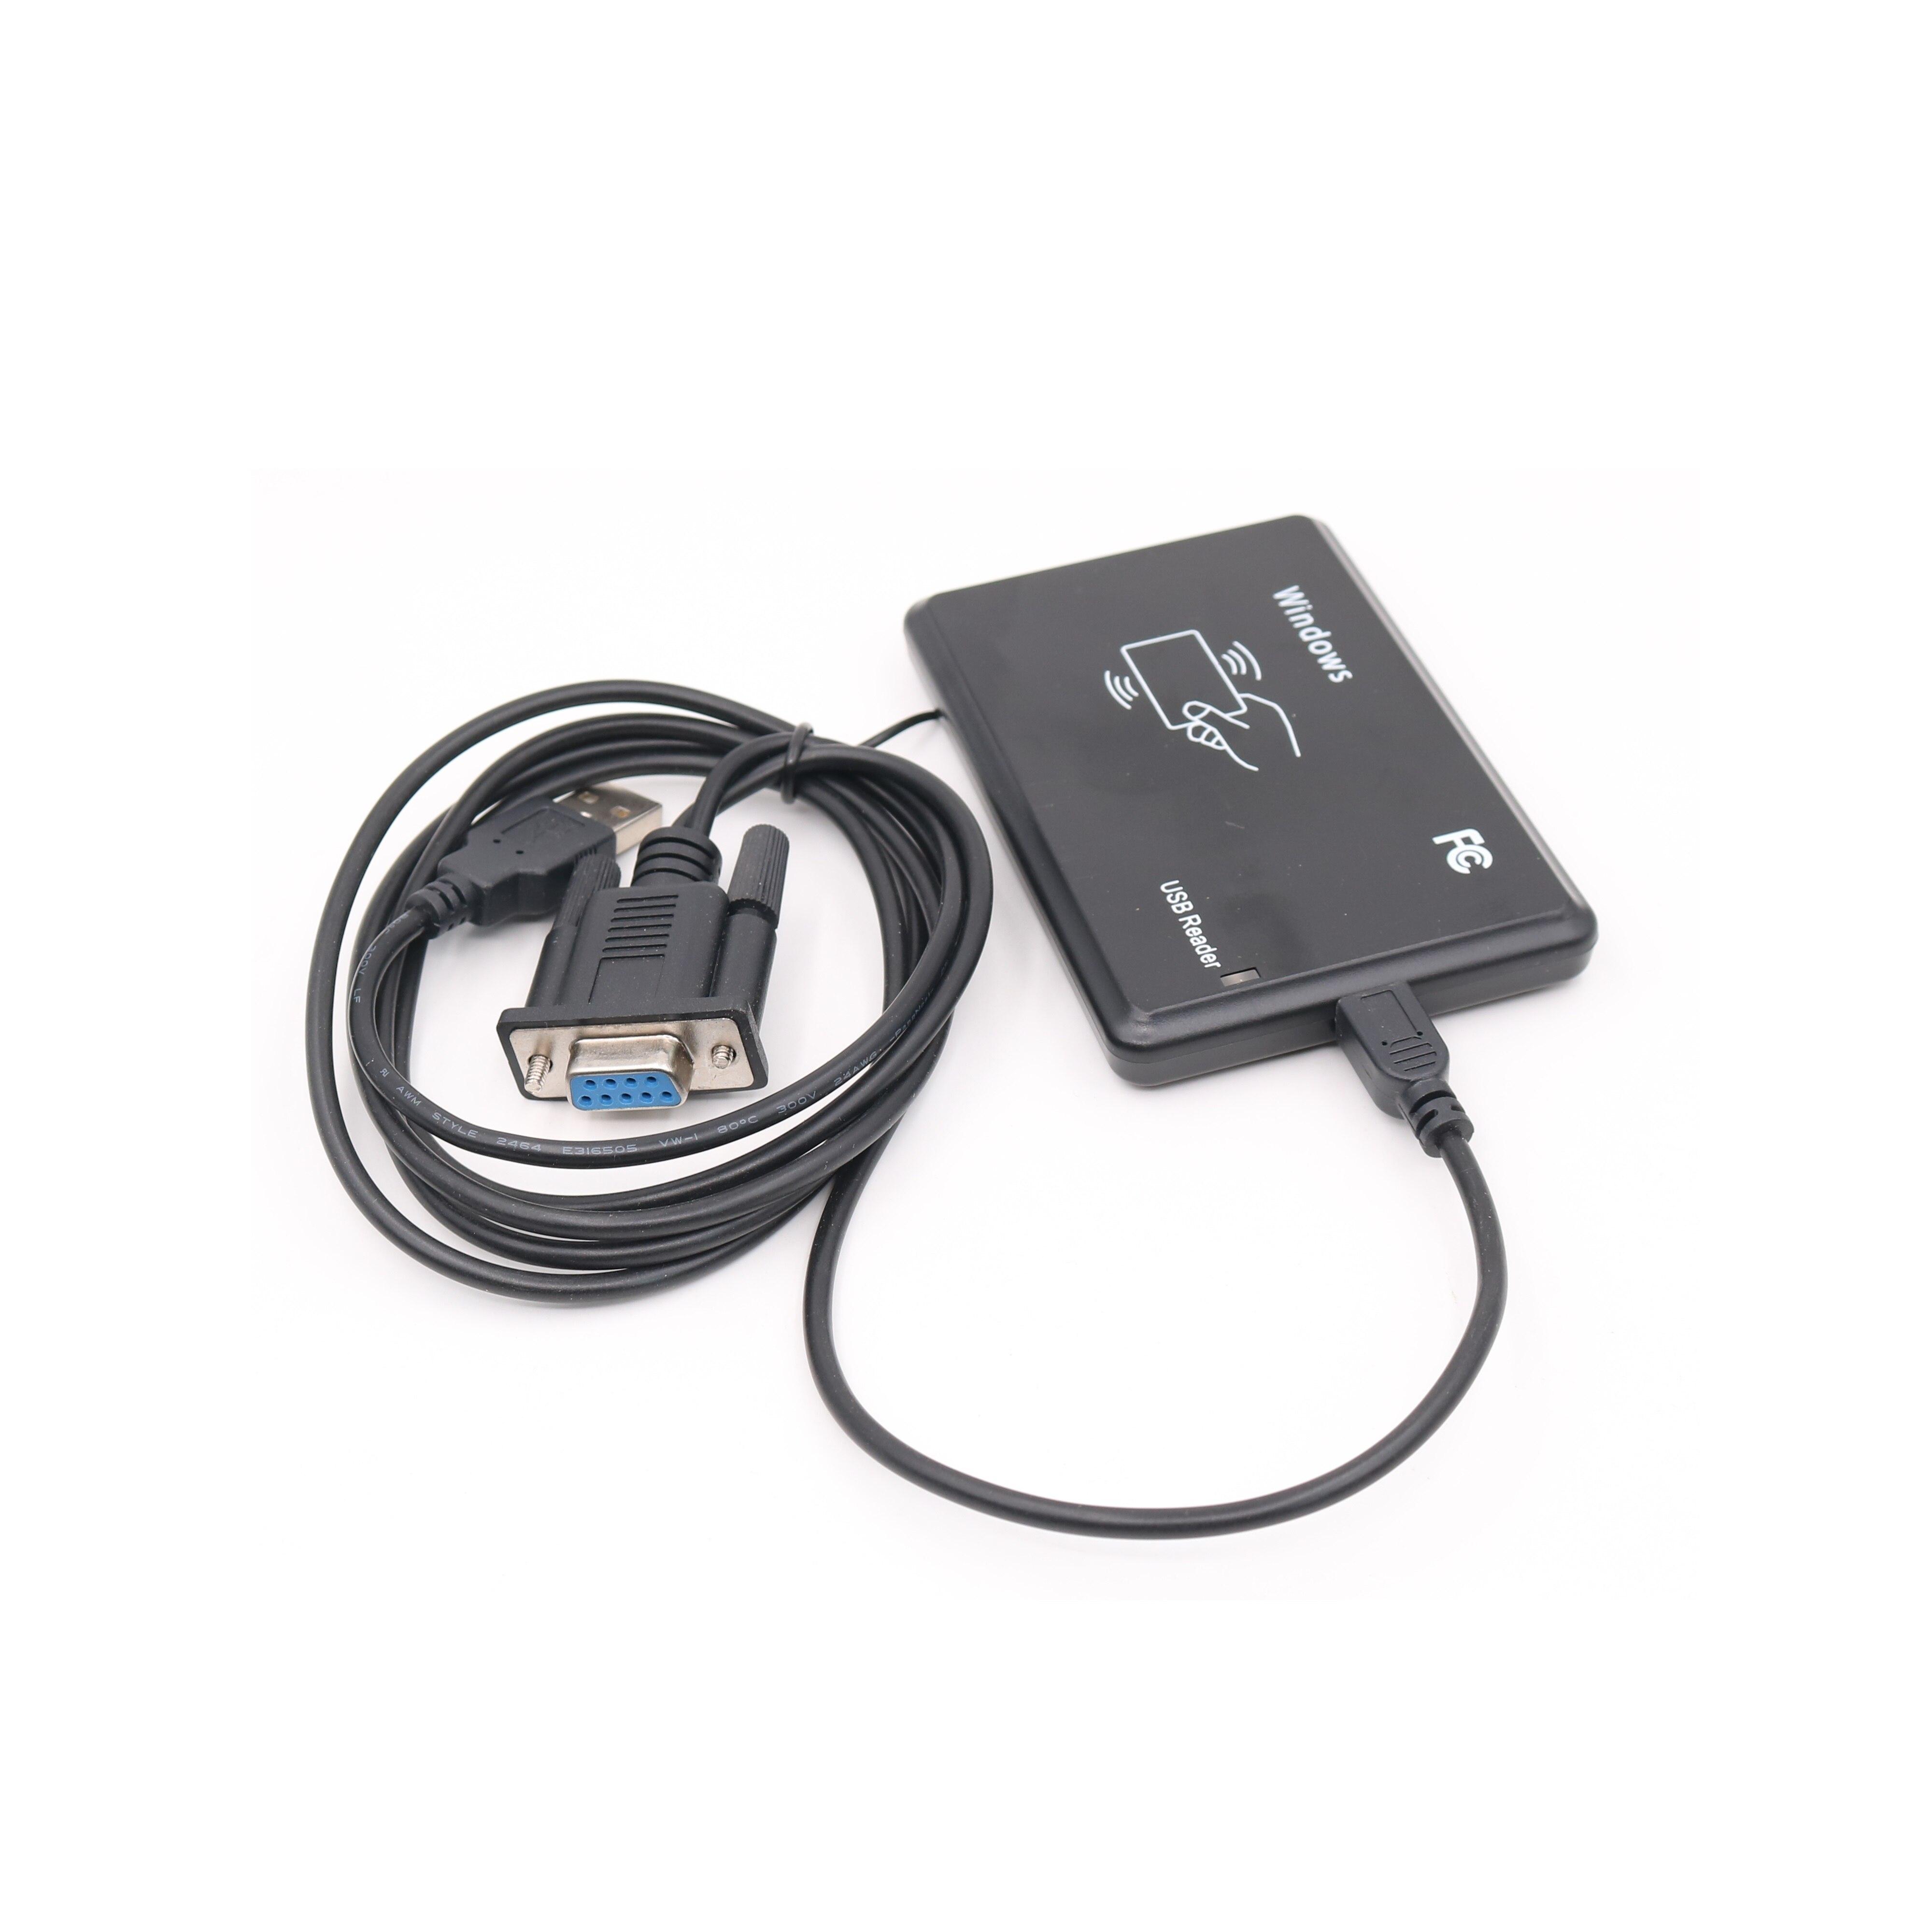 RS232 RFID 13,56 МГц IC считыватель ISO14443A S50 S70 кард-ридер последовательный порт